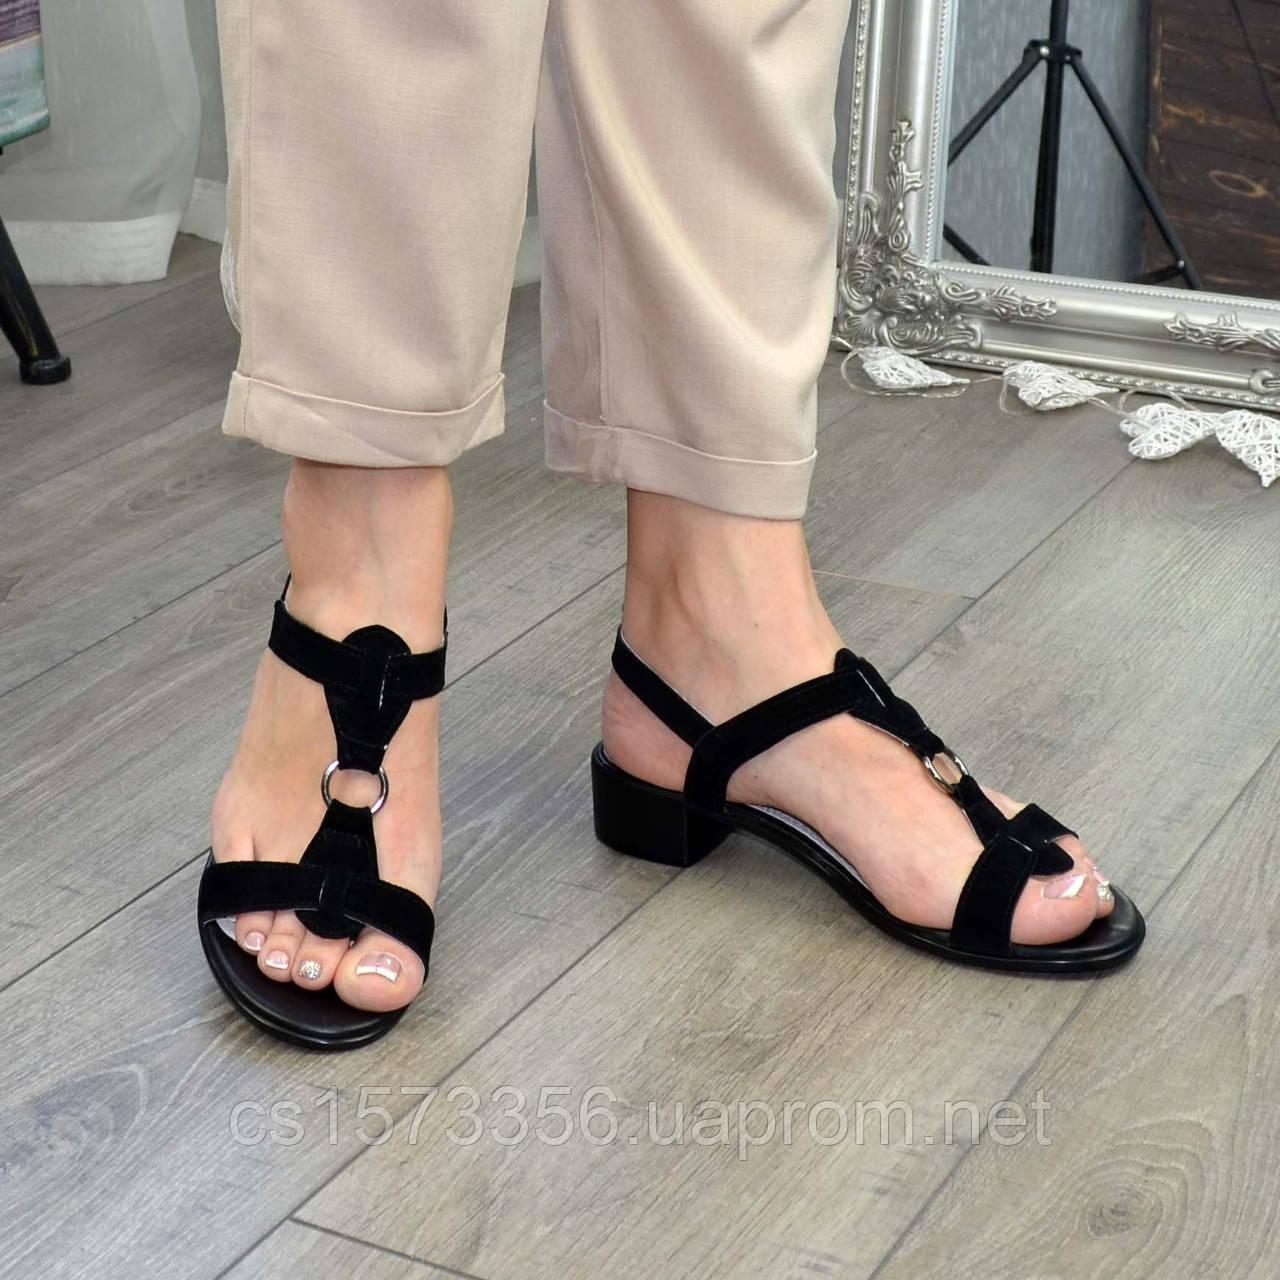 Босоножки женские замшевые на маленьком каблуке